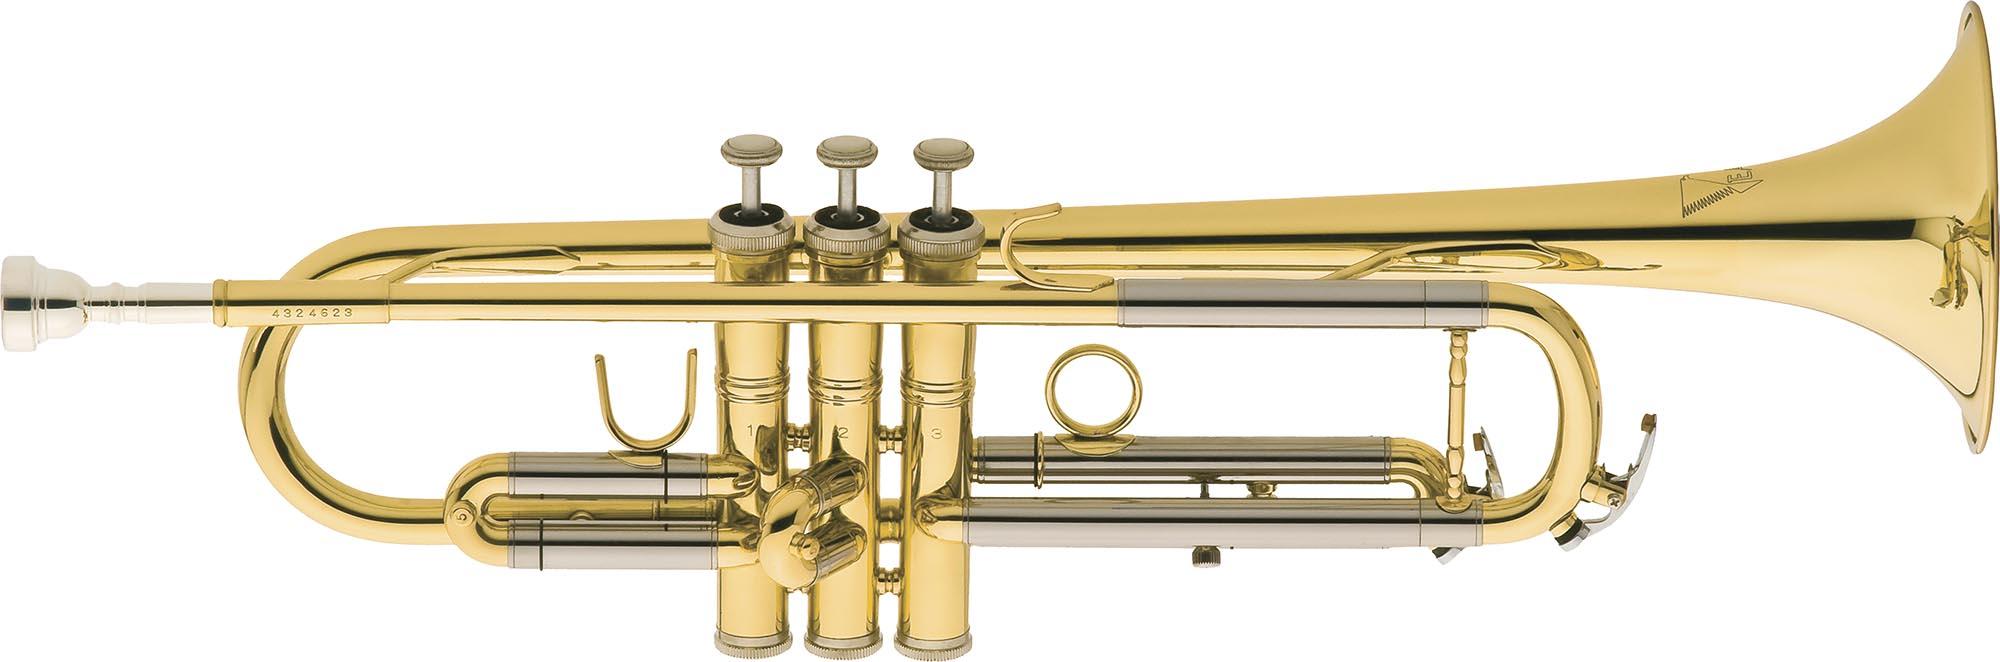 tr504 trompete 3 pistos eagle tr504 laqueado